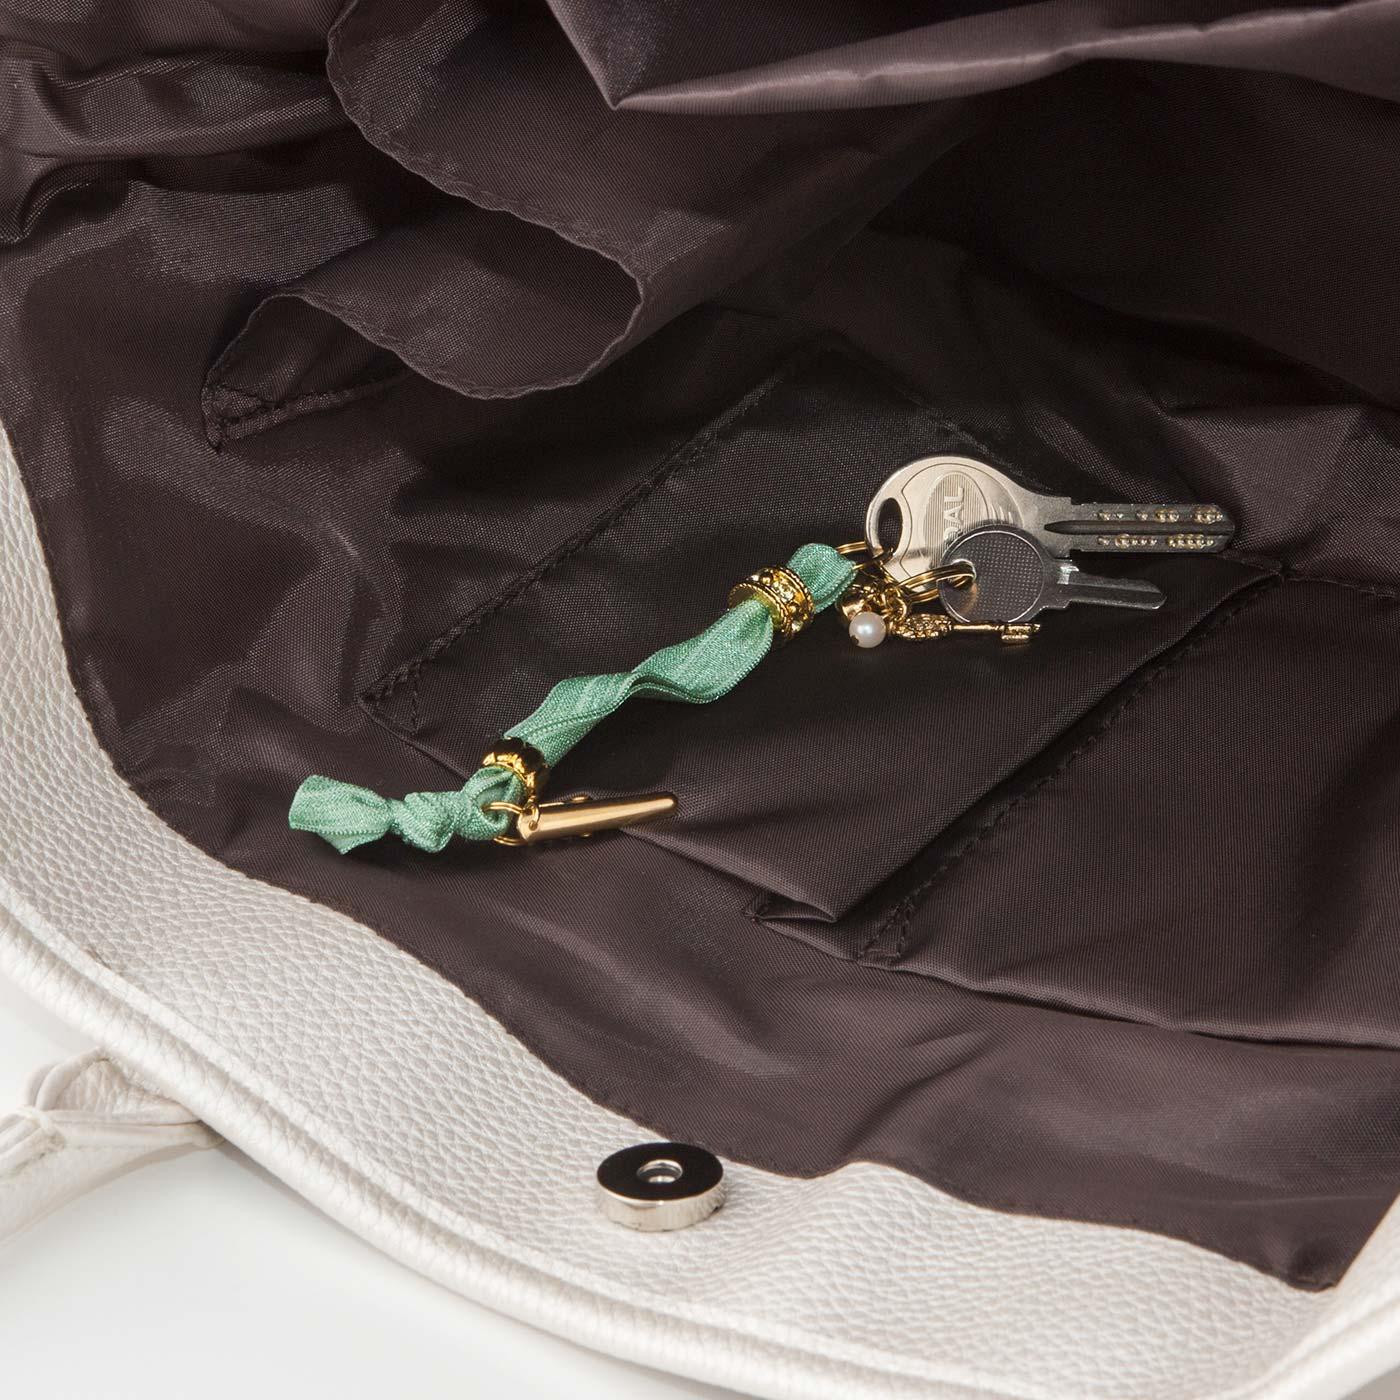 バッグの内ポケットなどに留めて、かぎの迷子が防げます。